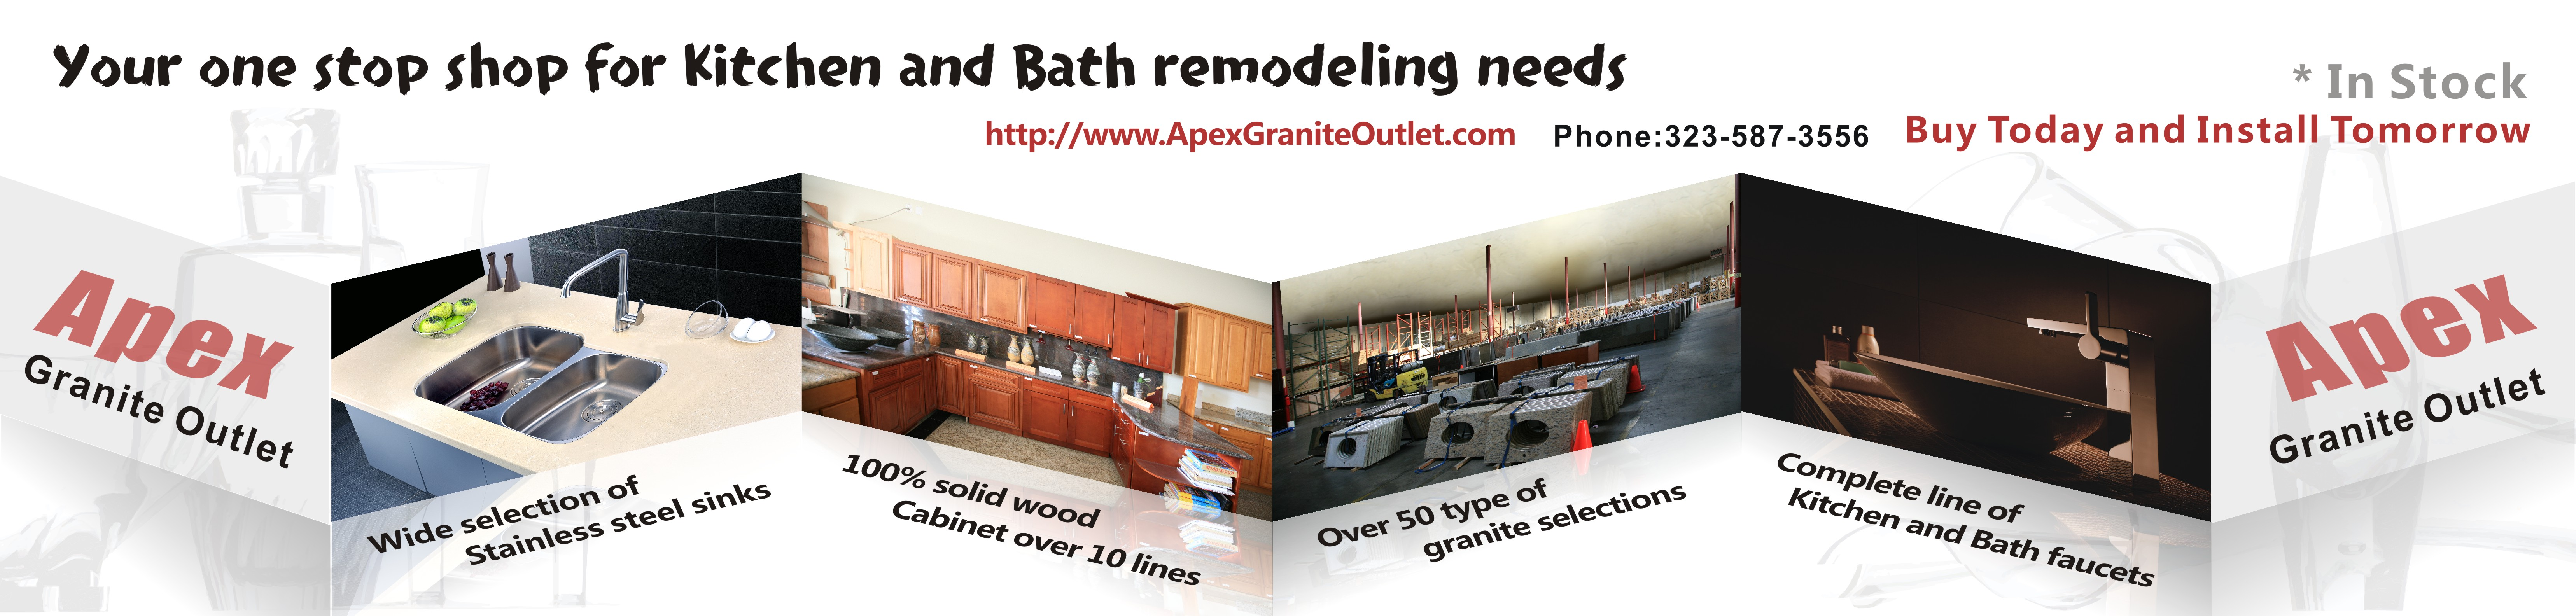 APEX Kitchen Cabinet and Granite Countertop image 12